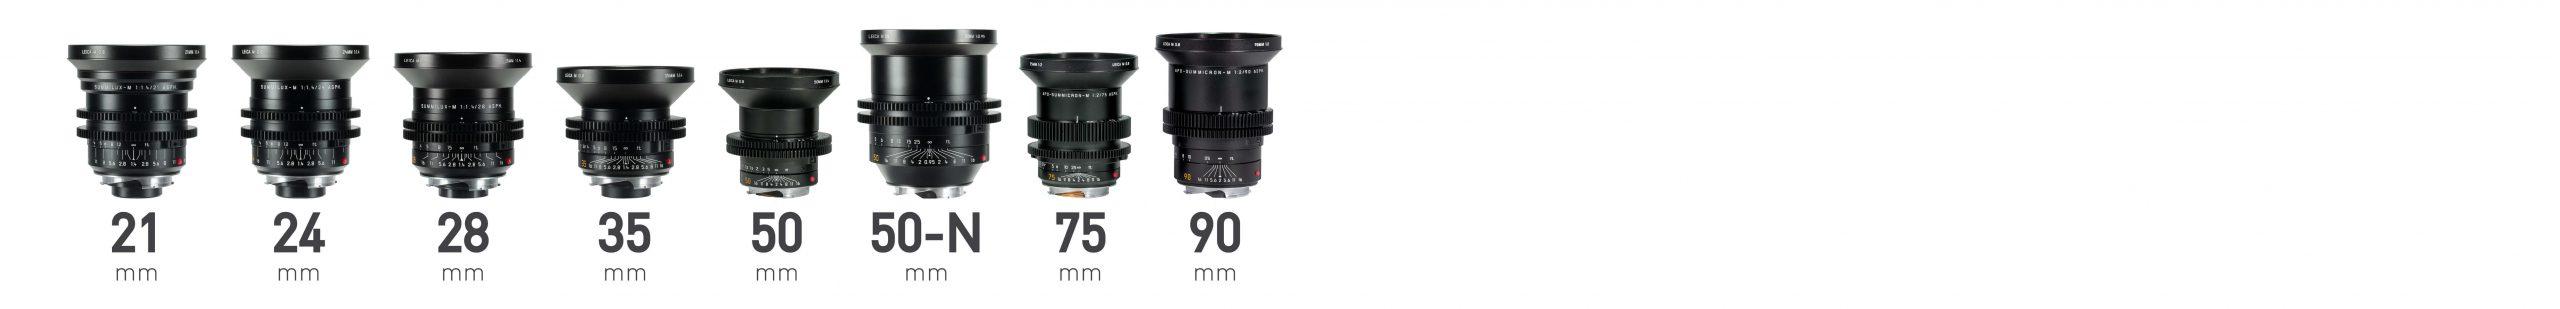 Leica M0.8 full frame lenses